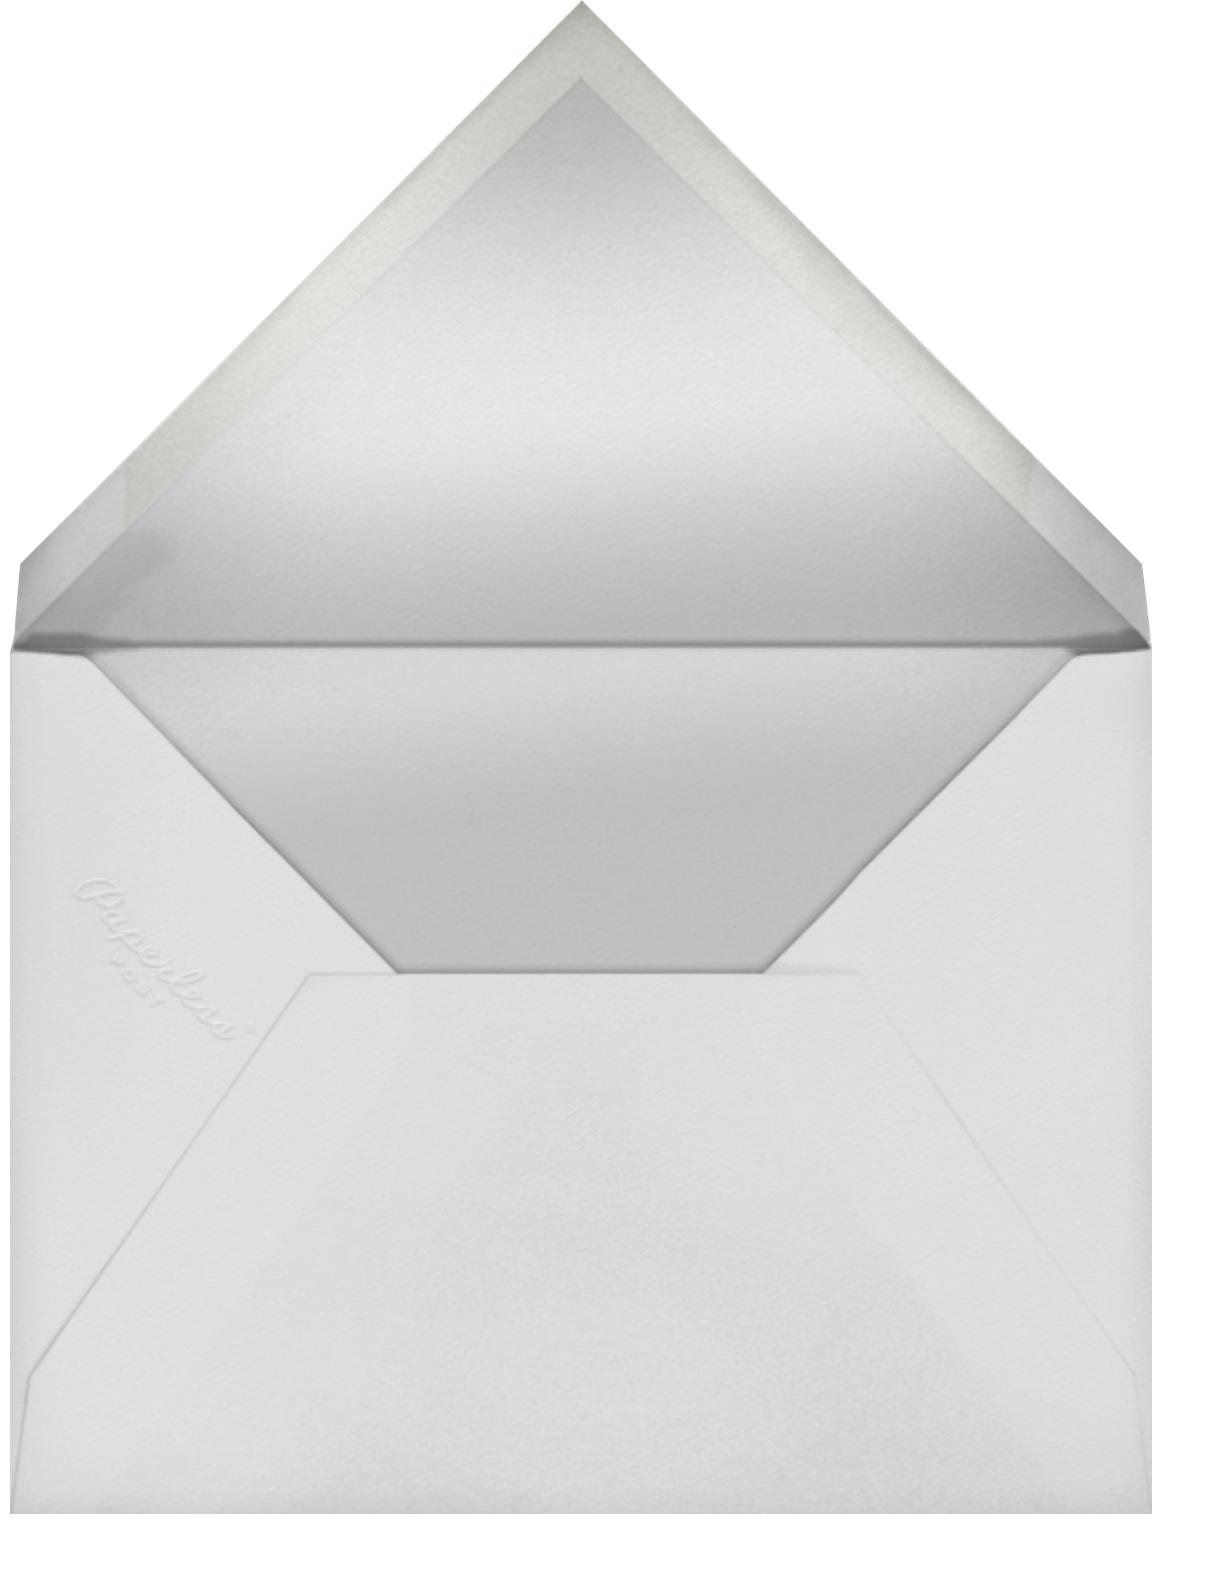 Japanese Cherry (Program) - Felix Doolittle - Menus and programs - envelope back